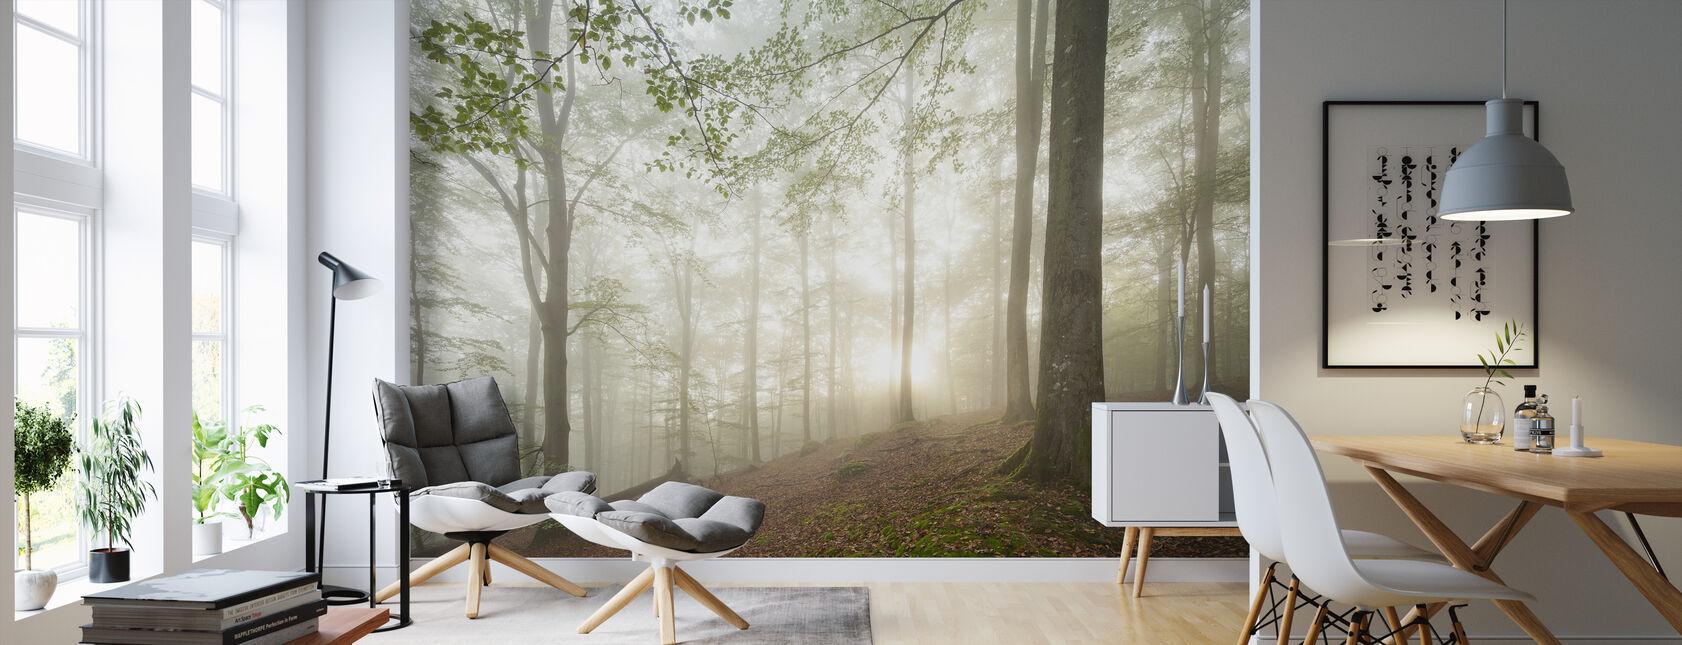 Forêt suédoise de hêtres II - Papier peint - Salle à manger